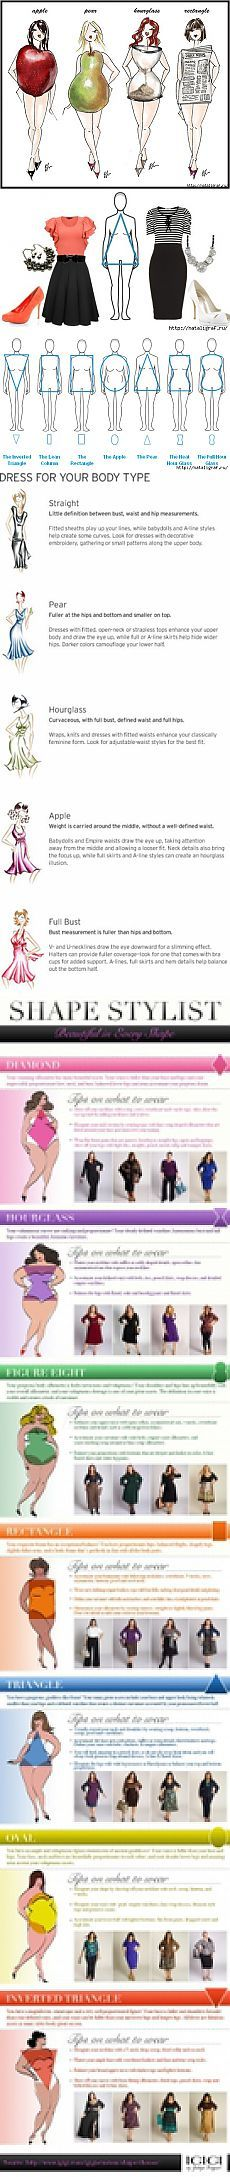 Типы женских фигур и коррекция фигуры одеждой..